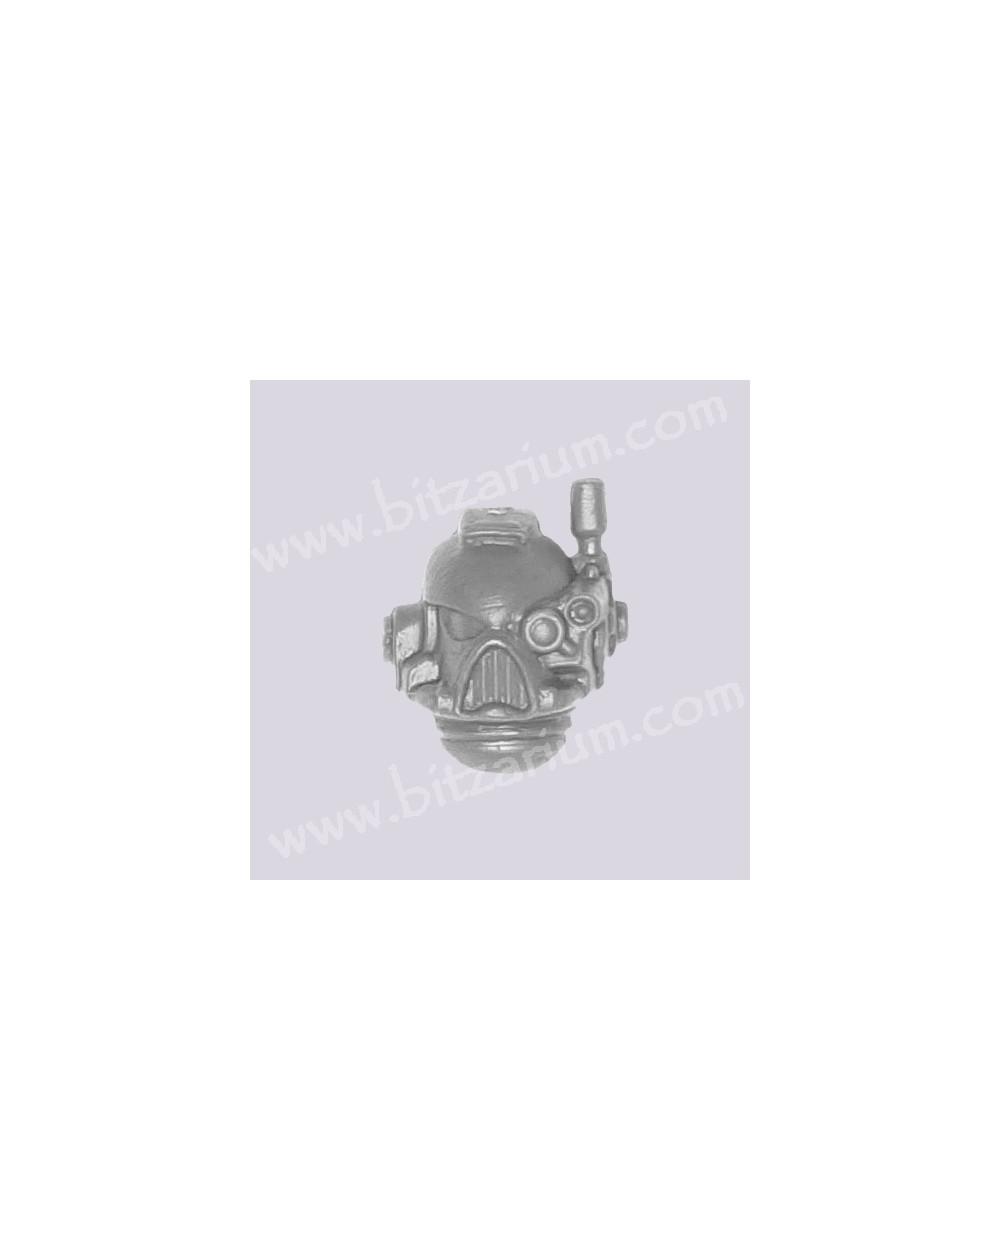 Artilleryman Head 2